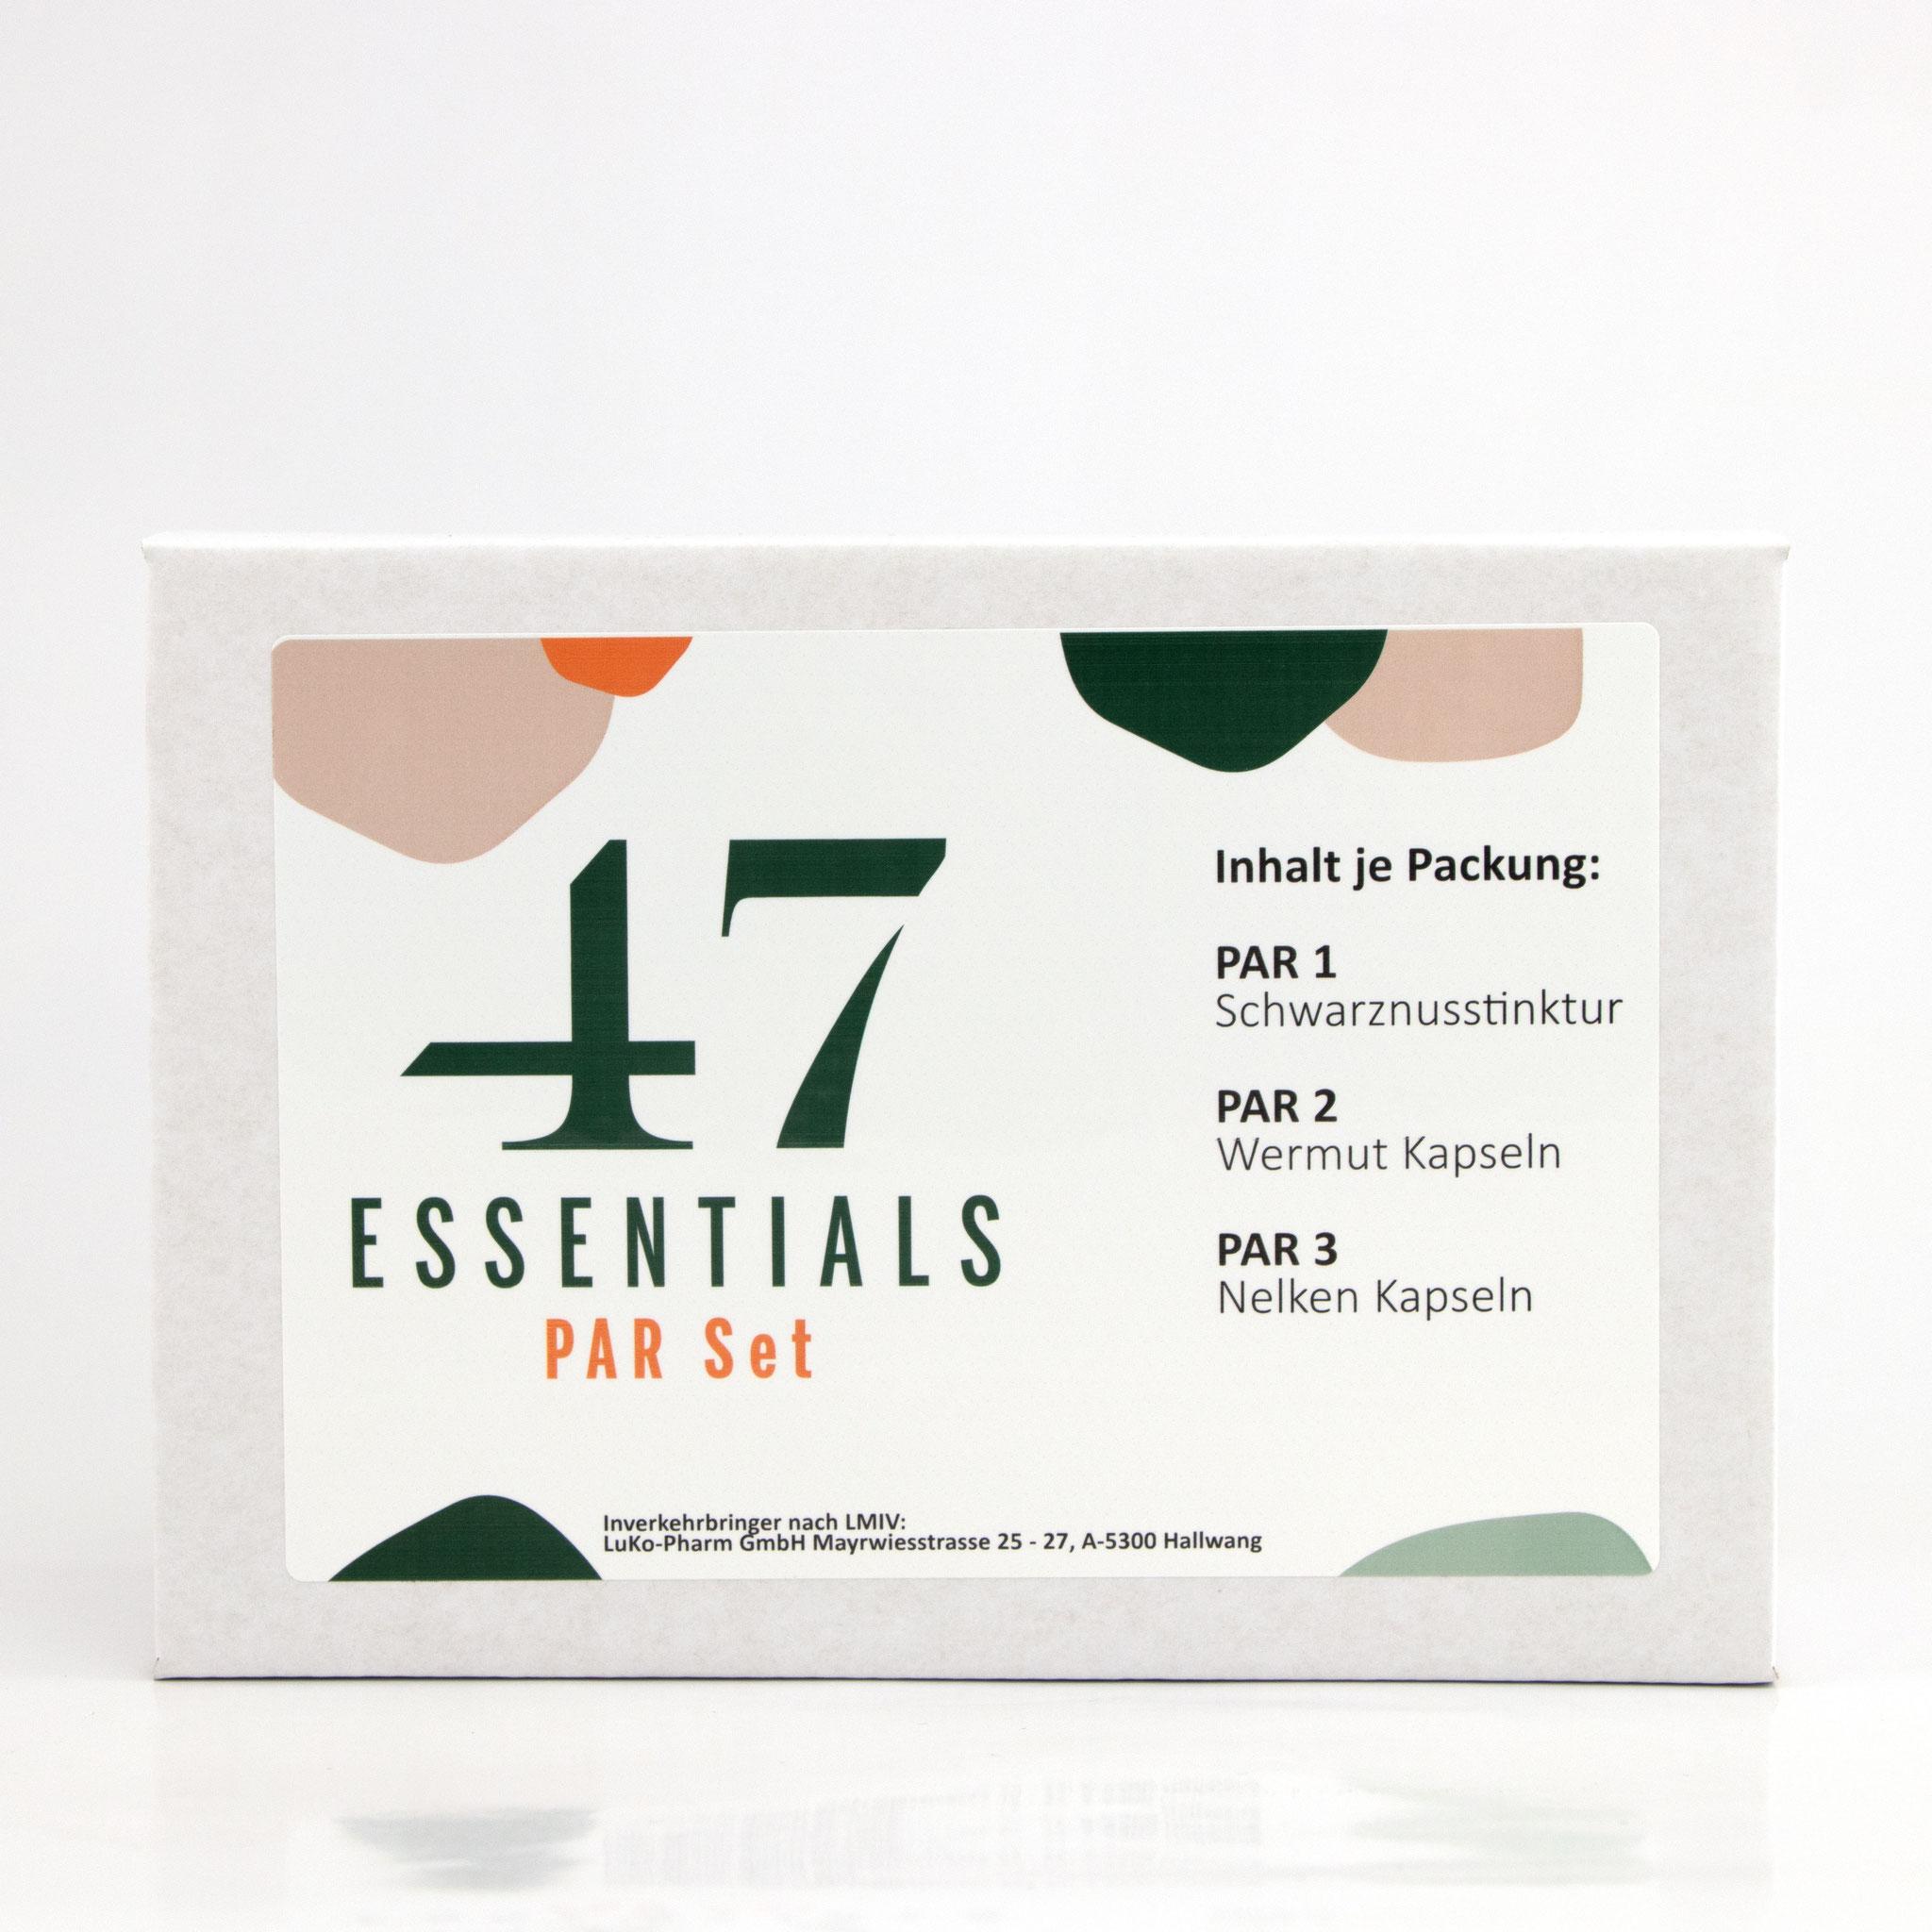 PAR Set 100 ml 120 u. 180 Kapseln (Das Kraft-Trio aus der Natur)  PAR Set bestehend aus: PAR 1, PAR 2, PAR 3     € 79,00           Klicken Sie hier um mehr über das Produkt zu erfahren